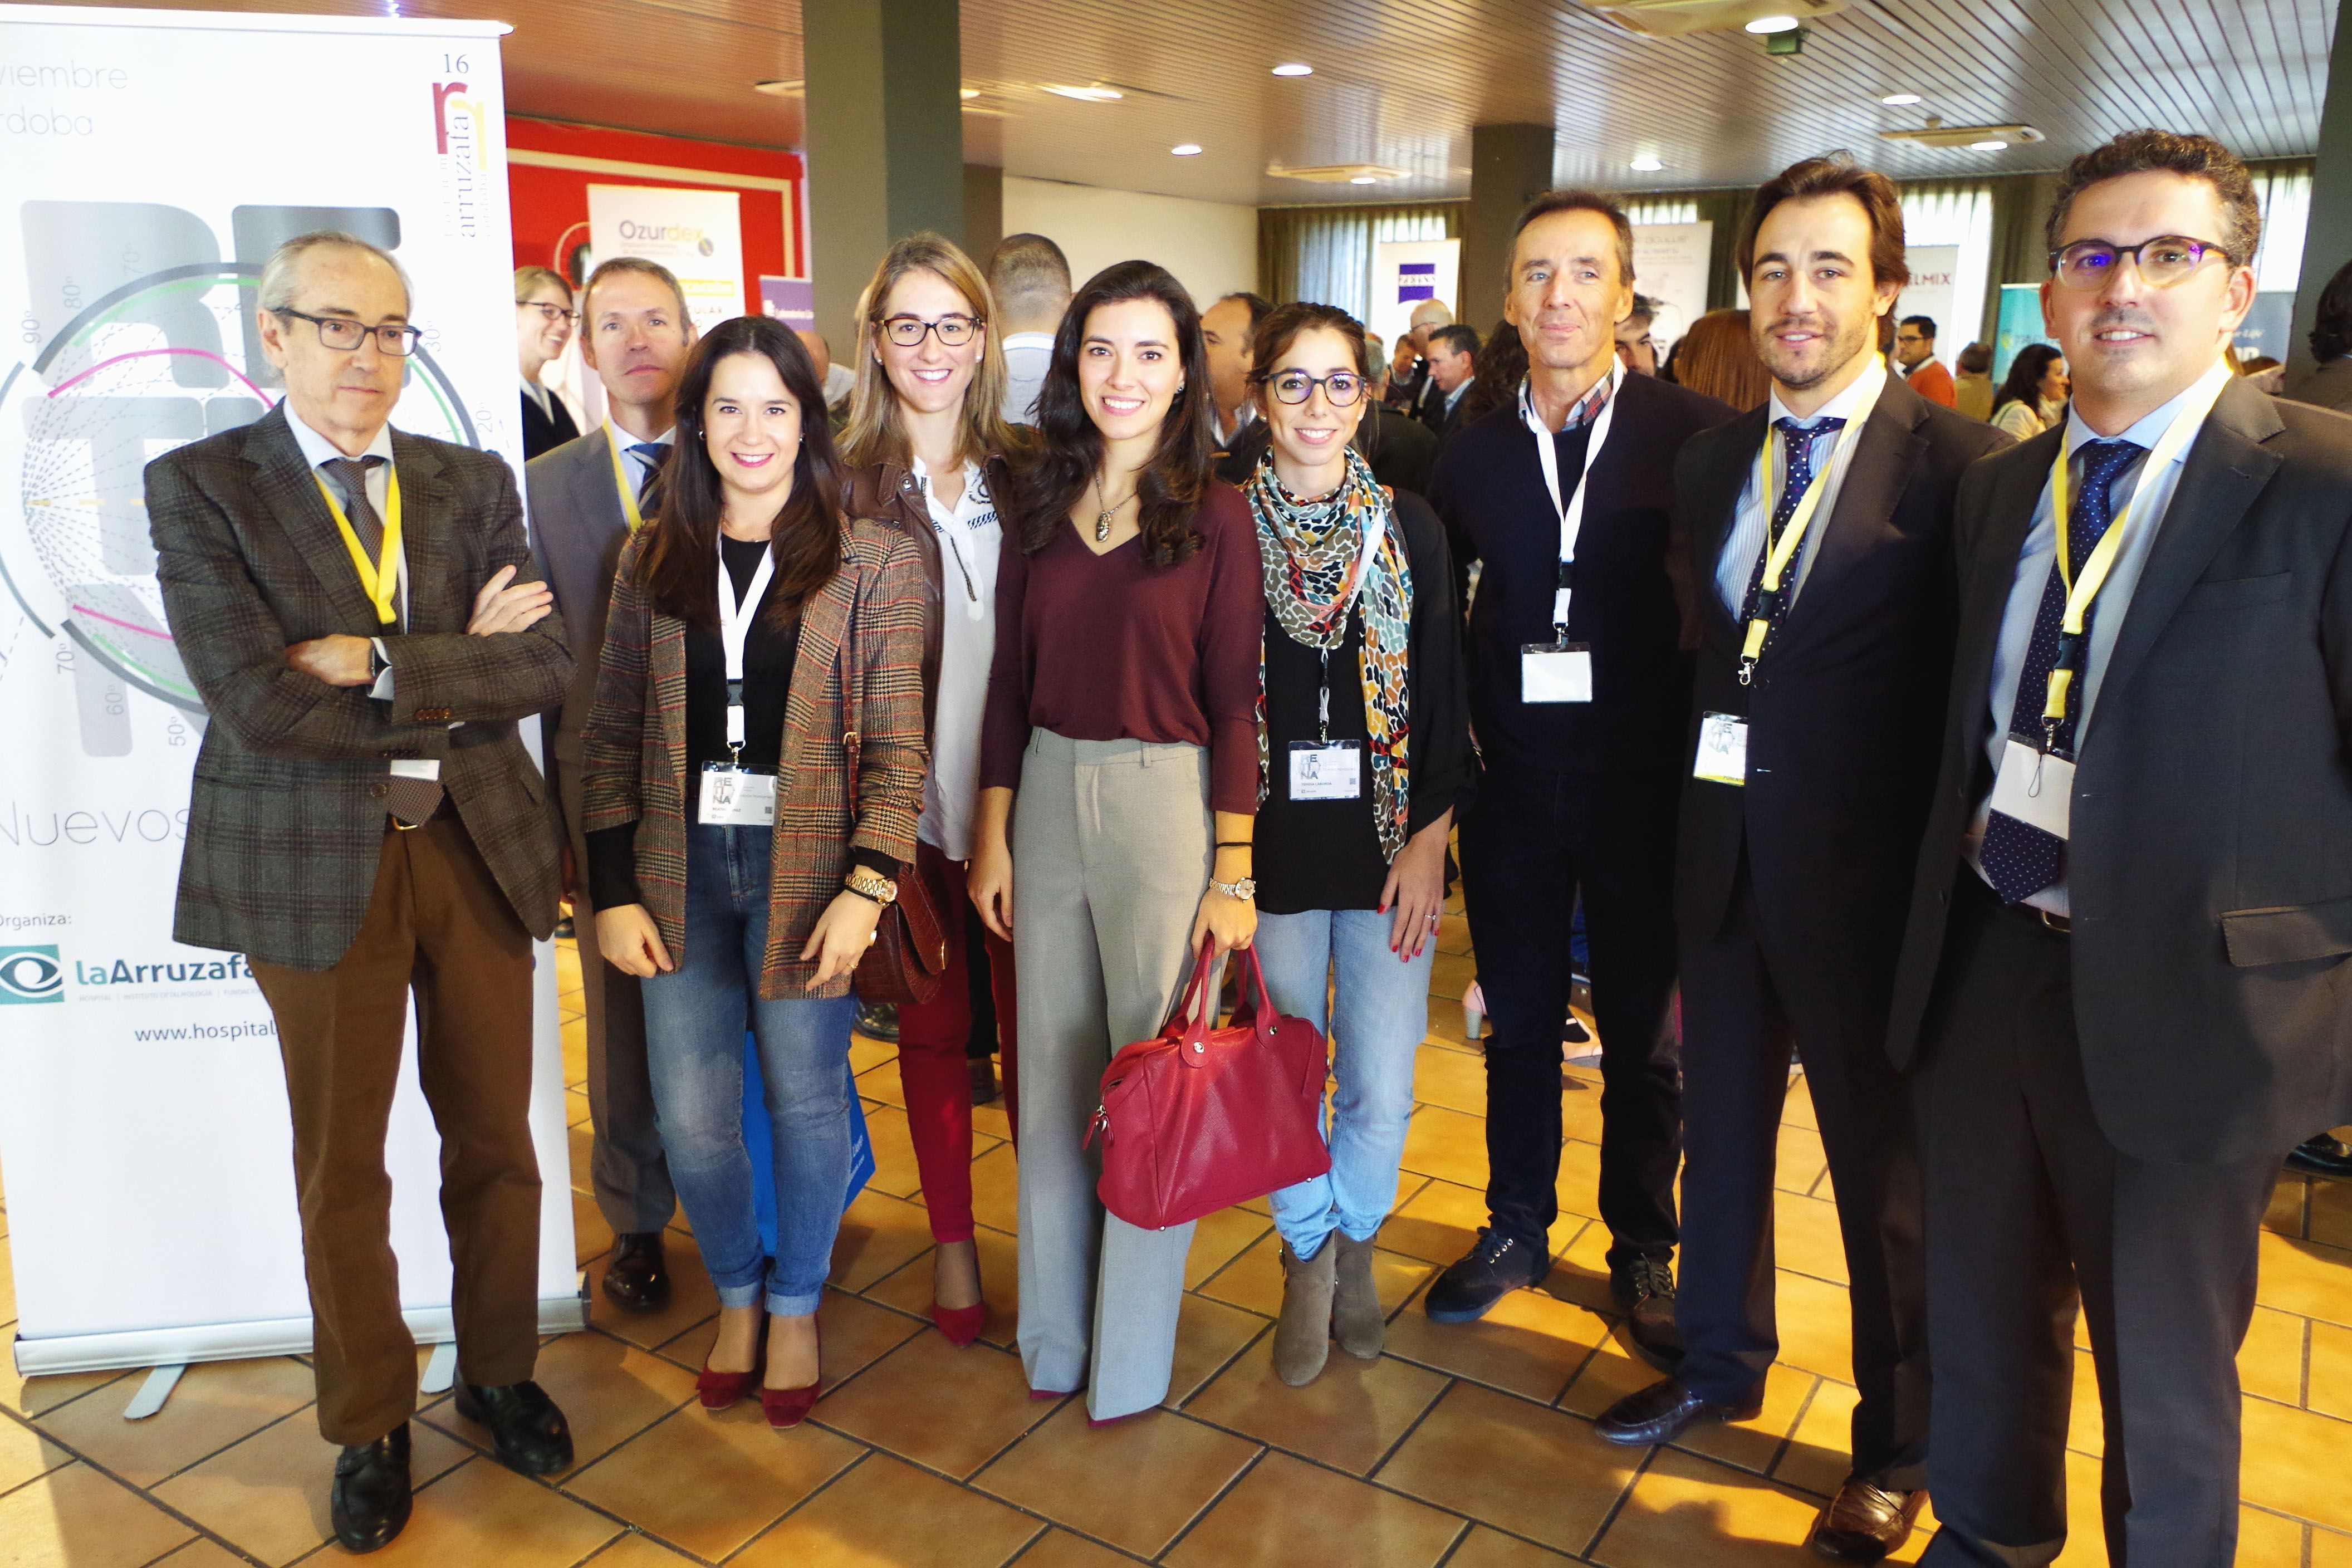 Especialistas del Hospital La Arruzafa en la conclusión de Forum Arruzafa 2016